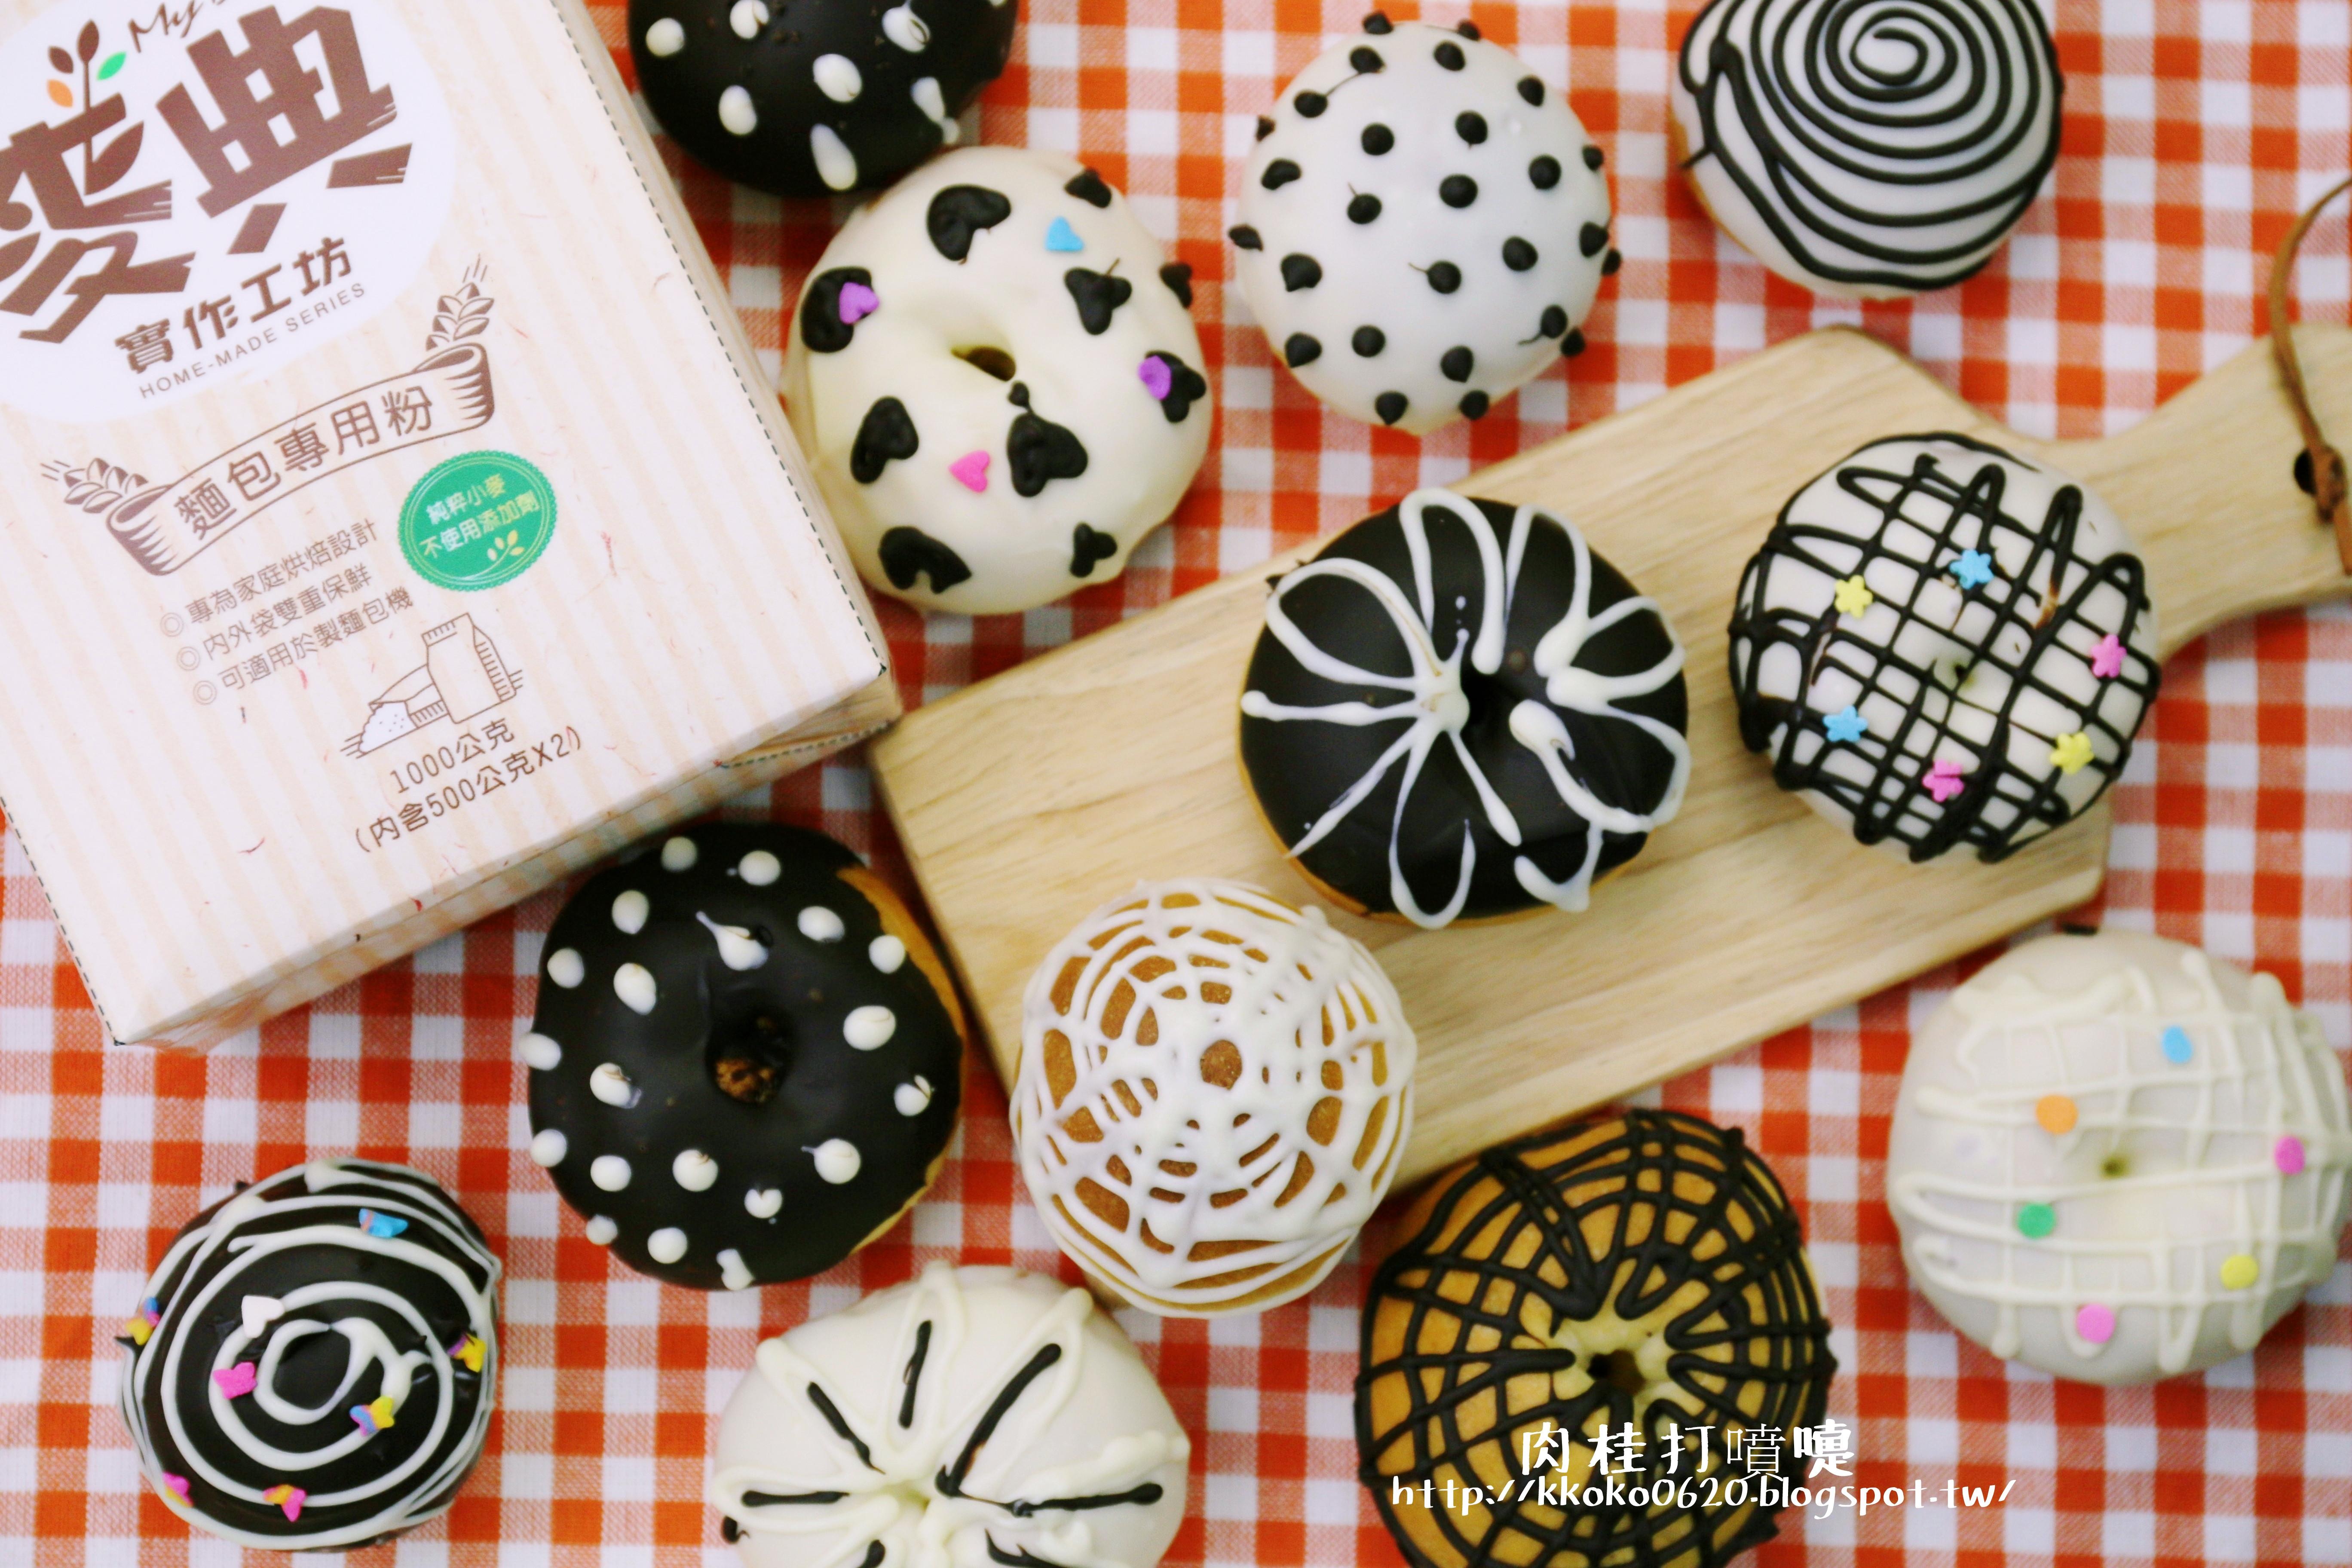 棒棒糖造型甜圈圈【麥典麵包專用粉】